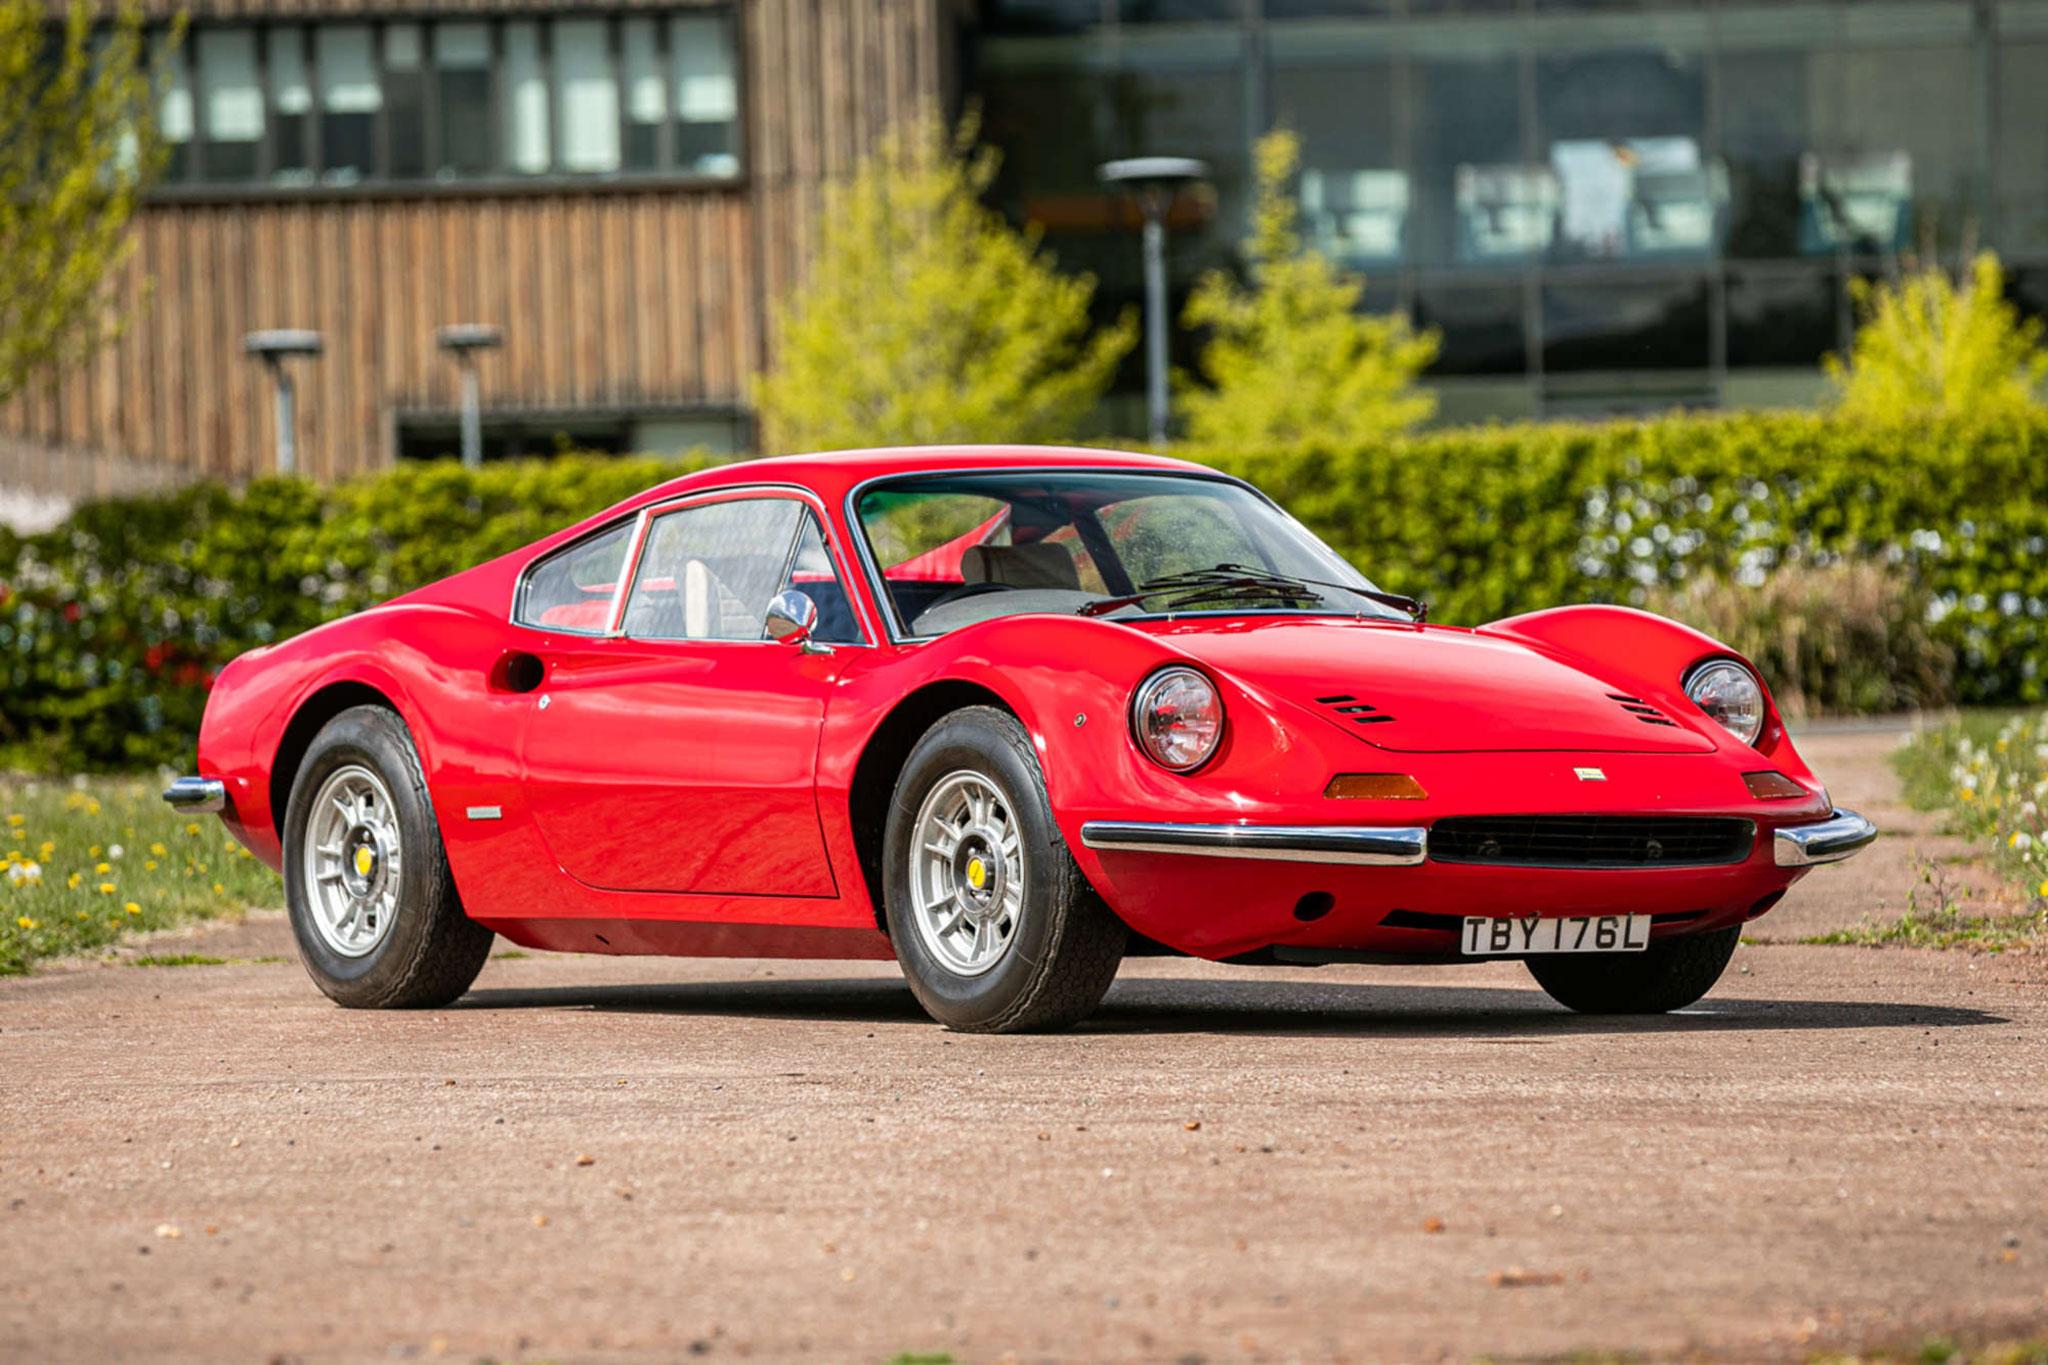 1973 Ferrari Dino 246 GT adjugée £190,000.